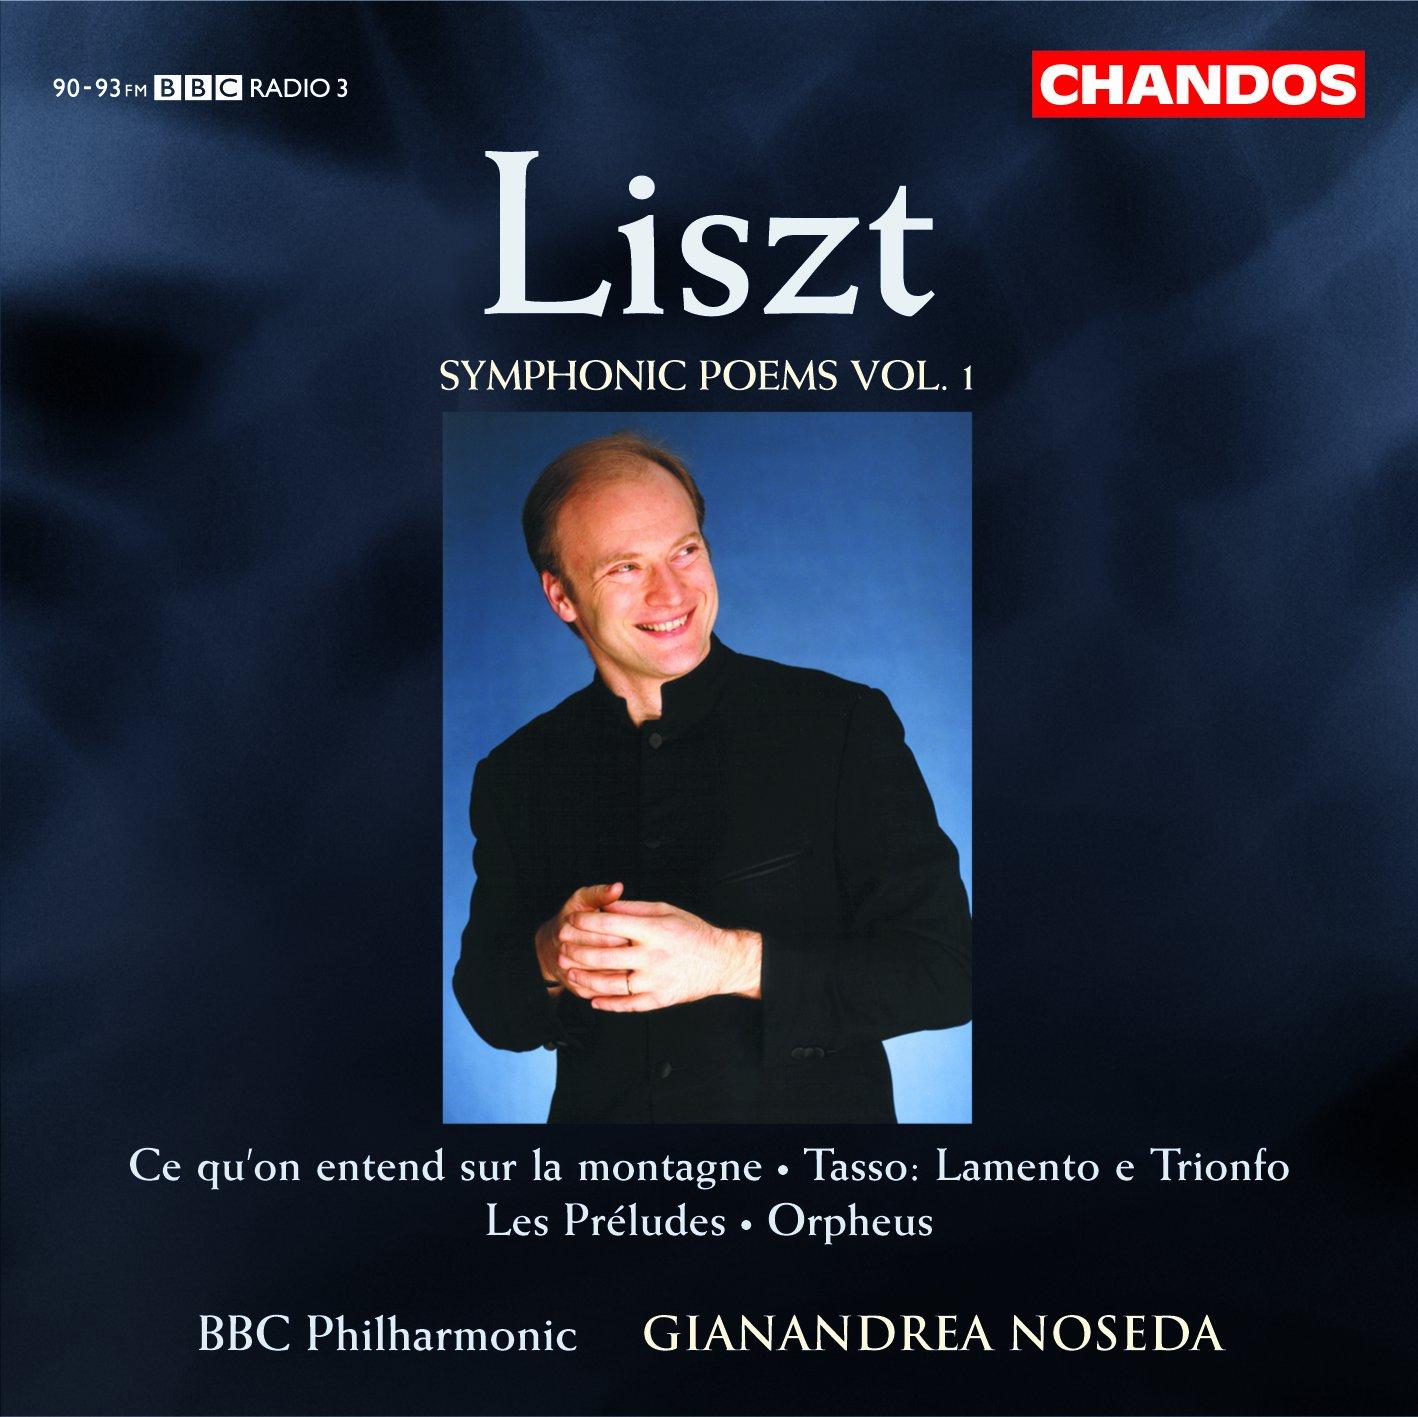 Liszt Symphonic Poems Volume 1 Orchestral Concertos Chandos